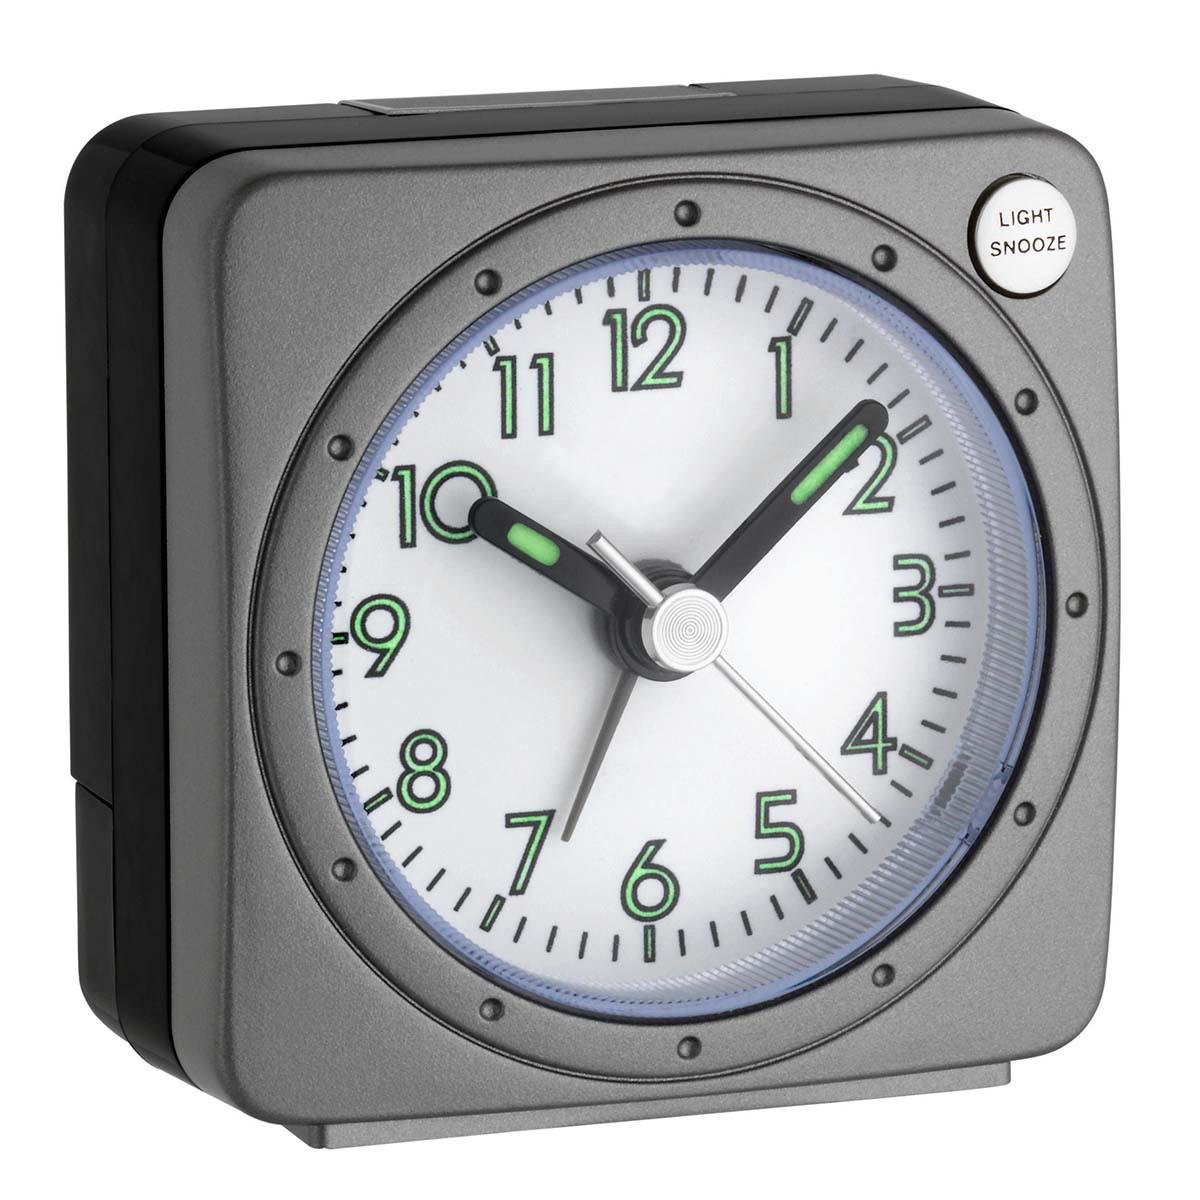 60-1008-analoger-wecker-1200x1200px.jpg